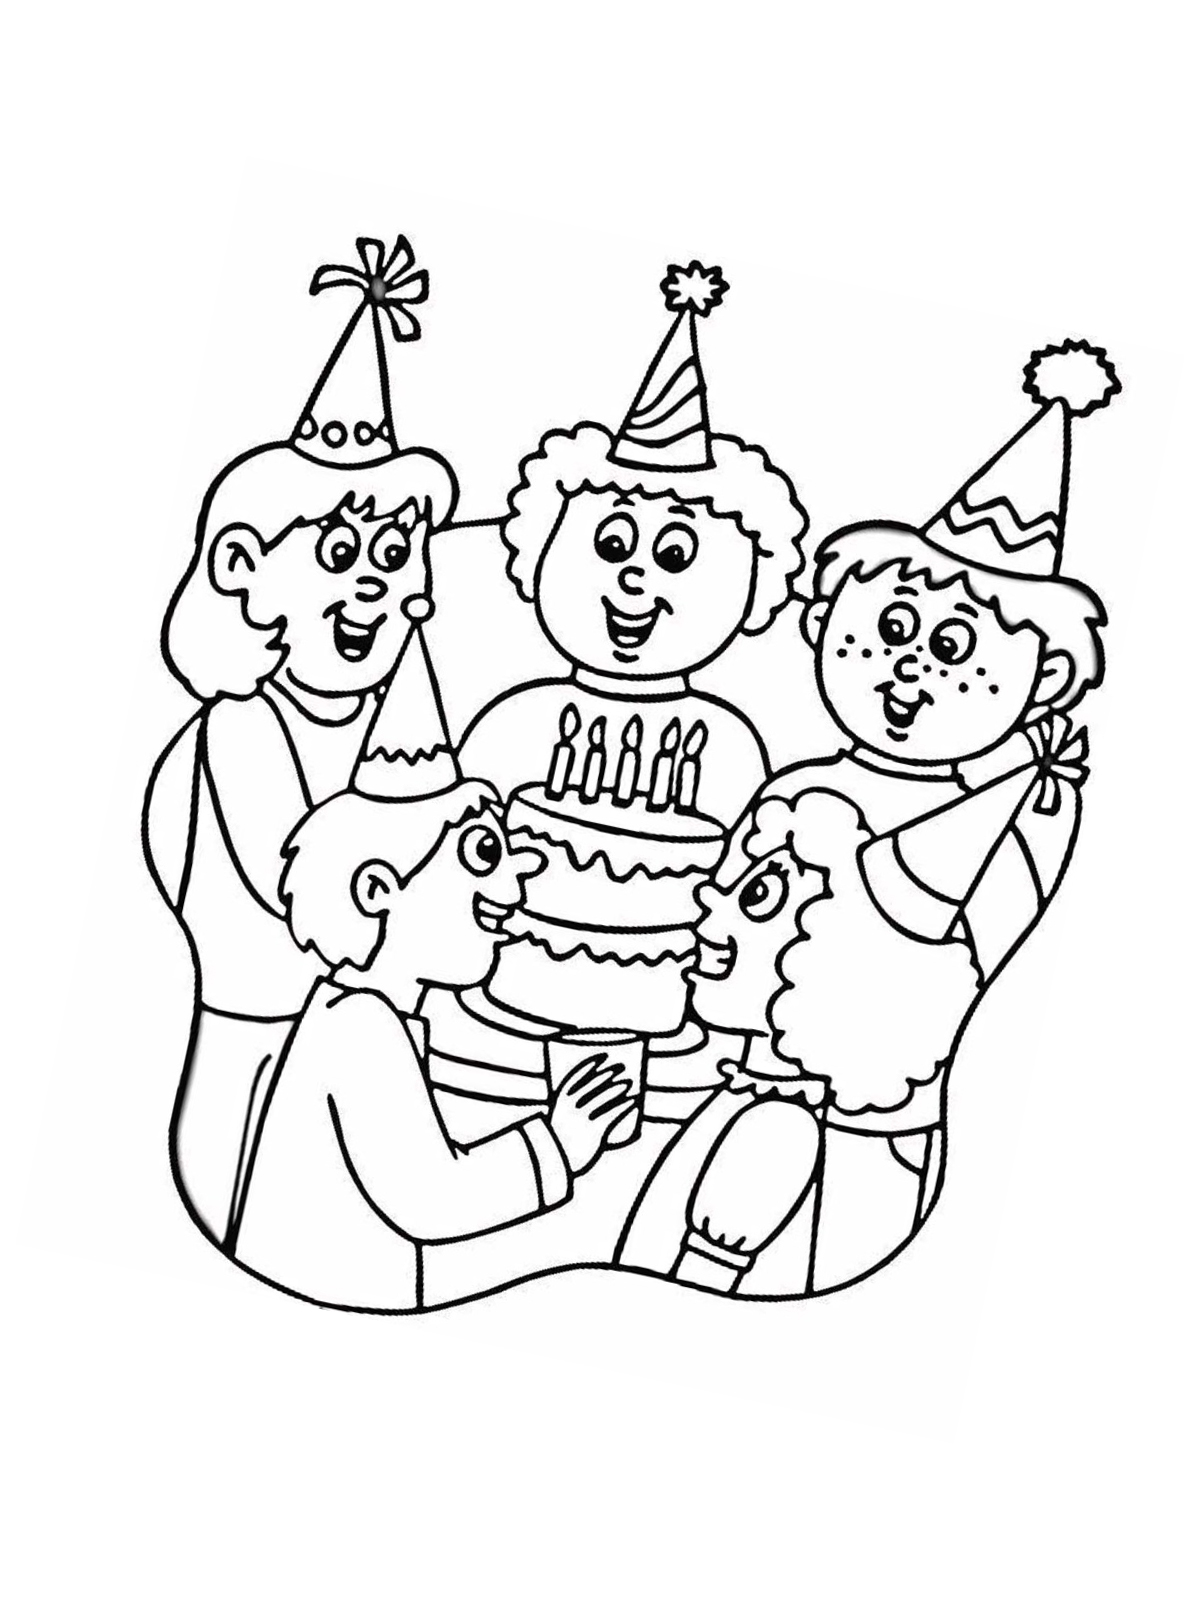 Geburtstag Ausmalbilder Zum Ausdrucken : Ausmalbilder Malvorlagen Zum Geburtstag Kostenlos Zum Ausdrucken